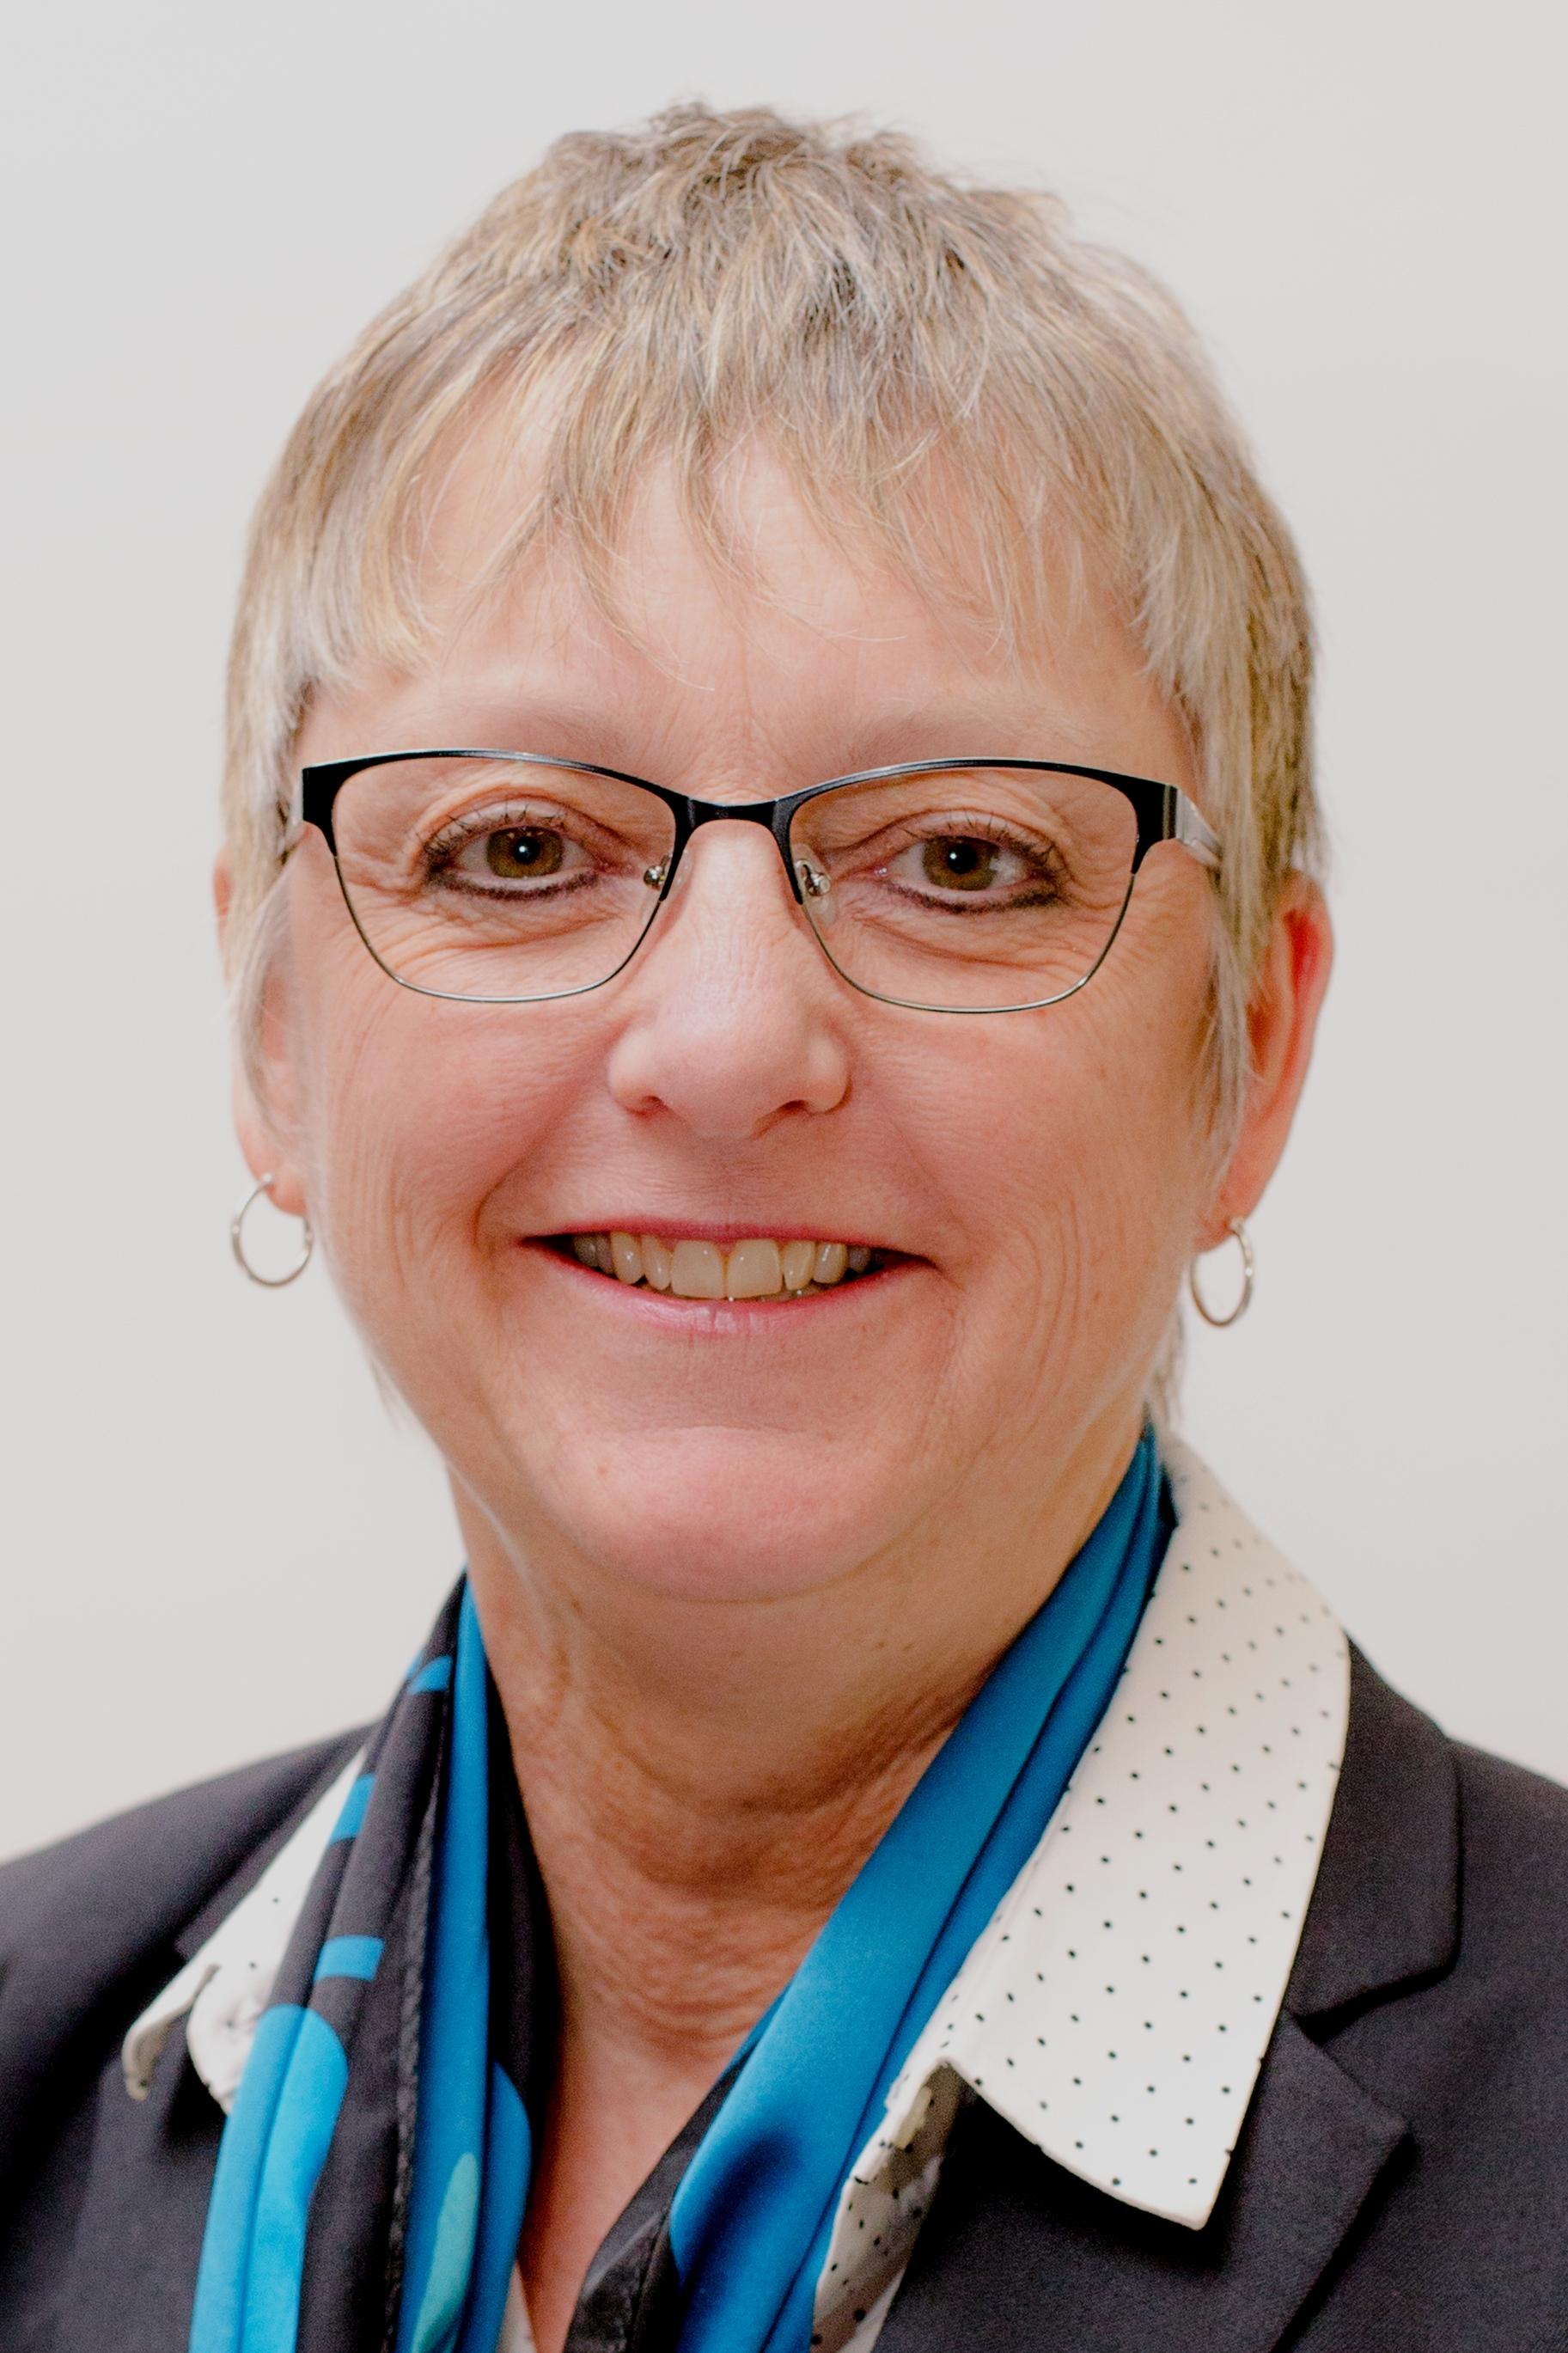 Diana Jedig, Executive Director